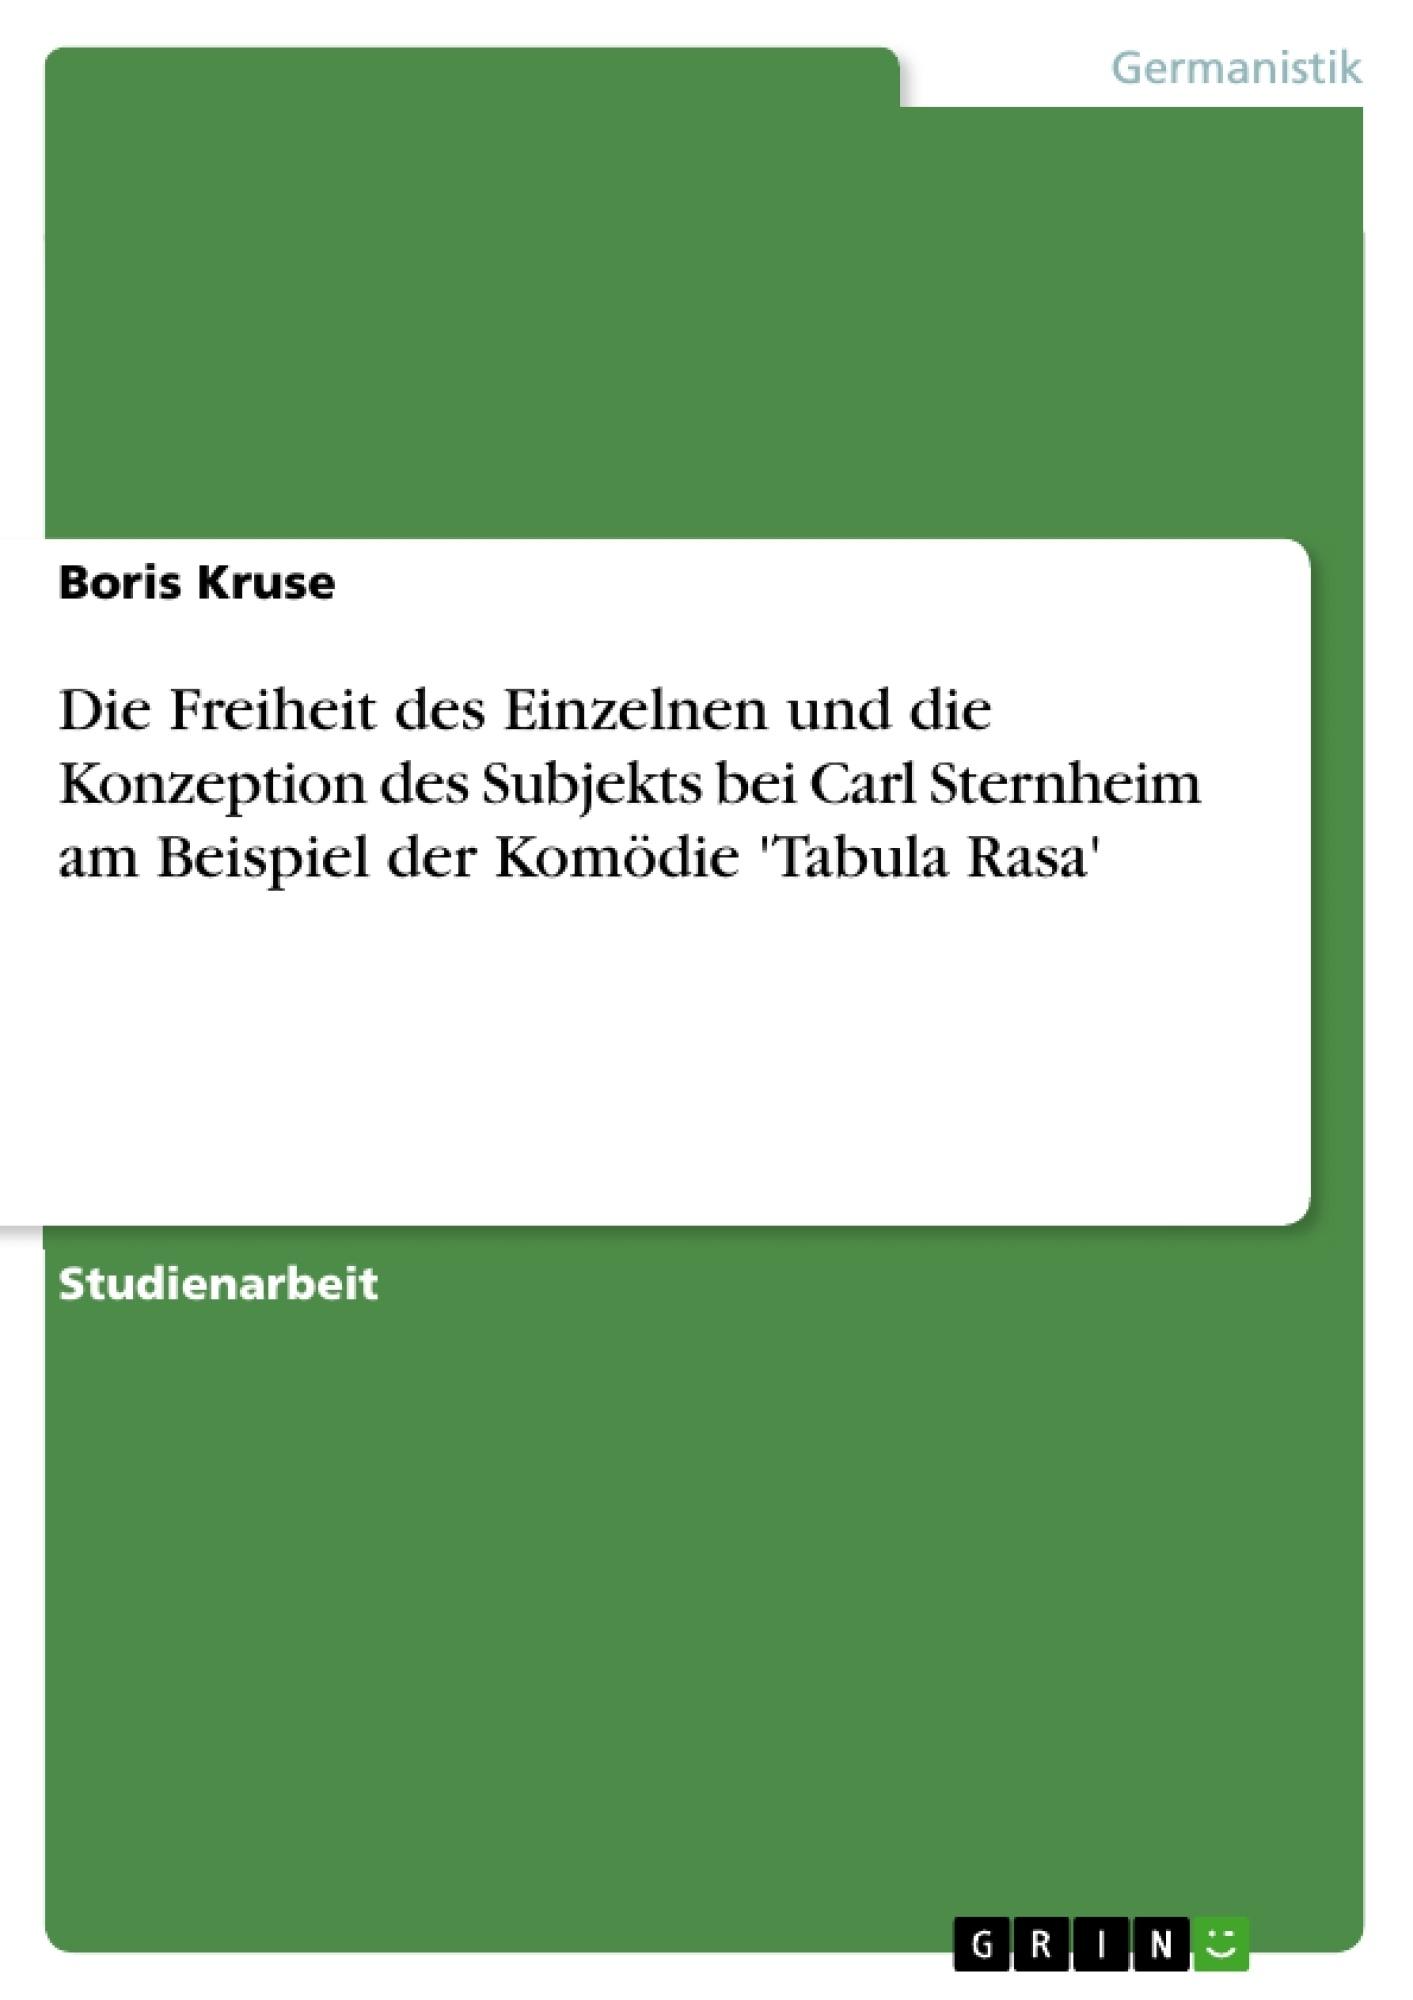 Titel: Die Freiheit des Einzelnen und die Konzeption des Subjekts bei Carl Sternheim am Beispiel der Komödie 'Tabula Rasa'